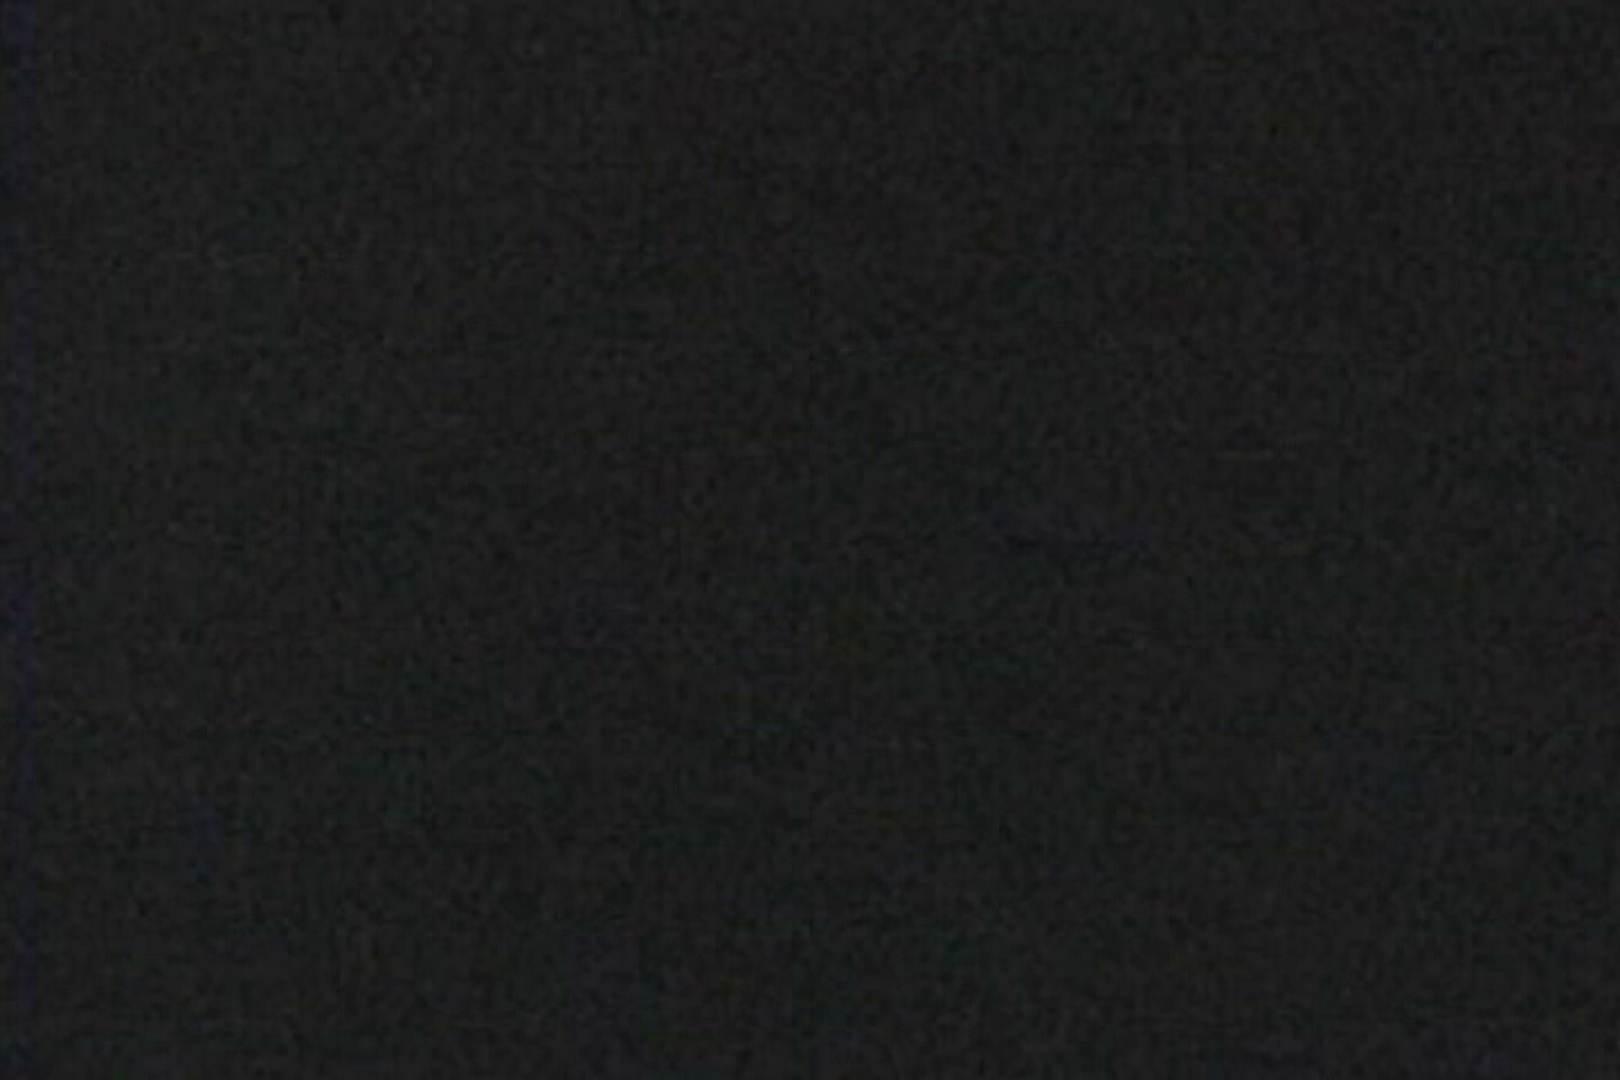 蔵出し!!赤外線カーセックスVol.25 赤外線 ワレメ無修正動画無料 109枚